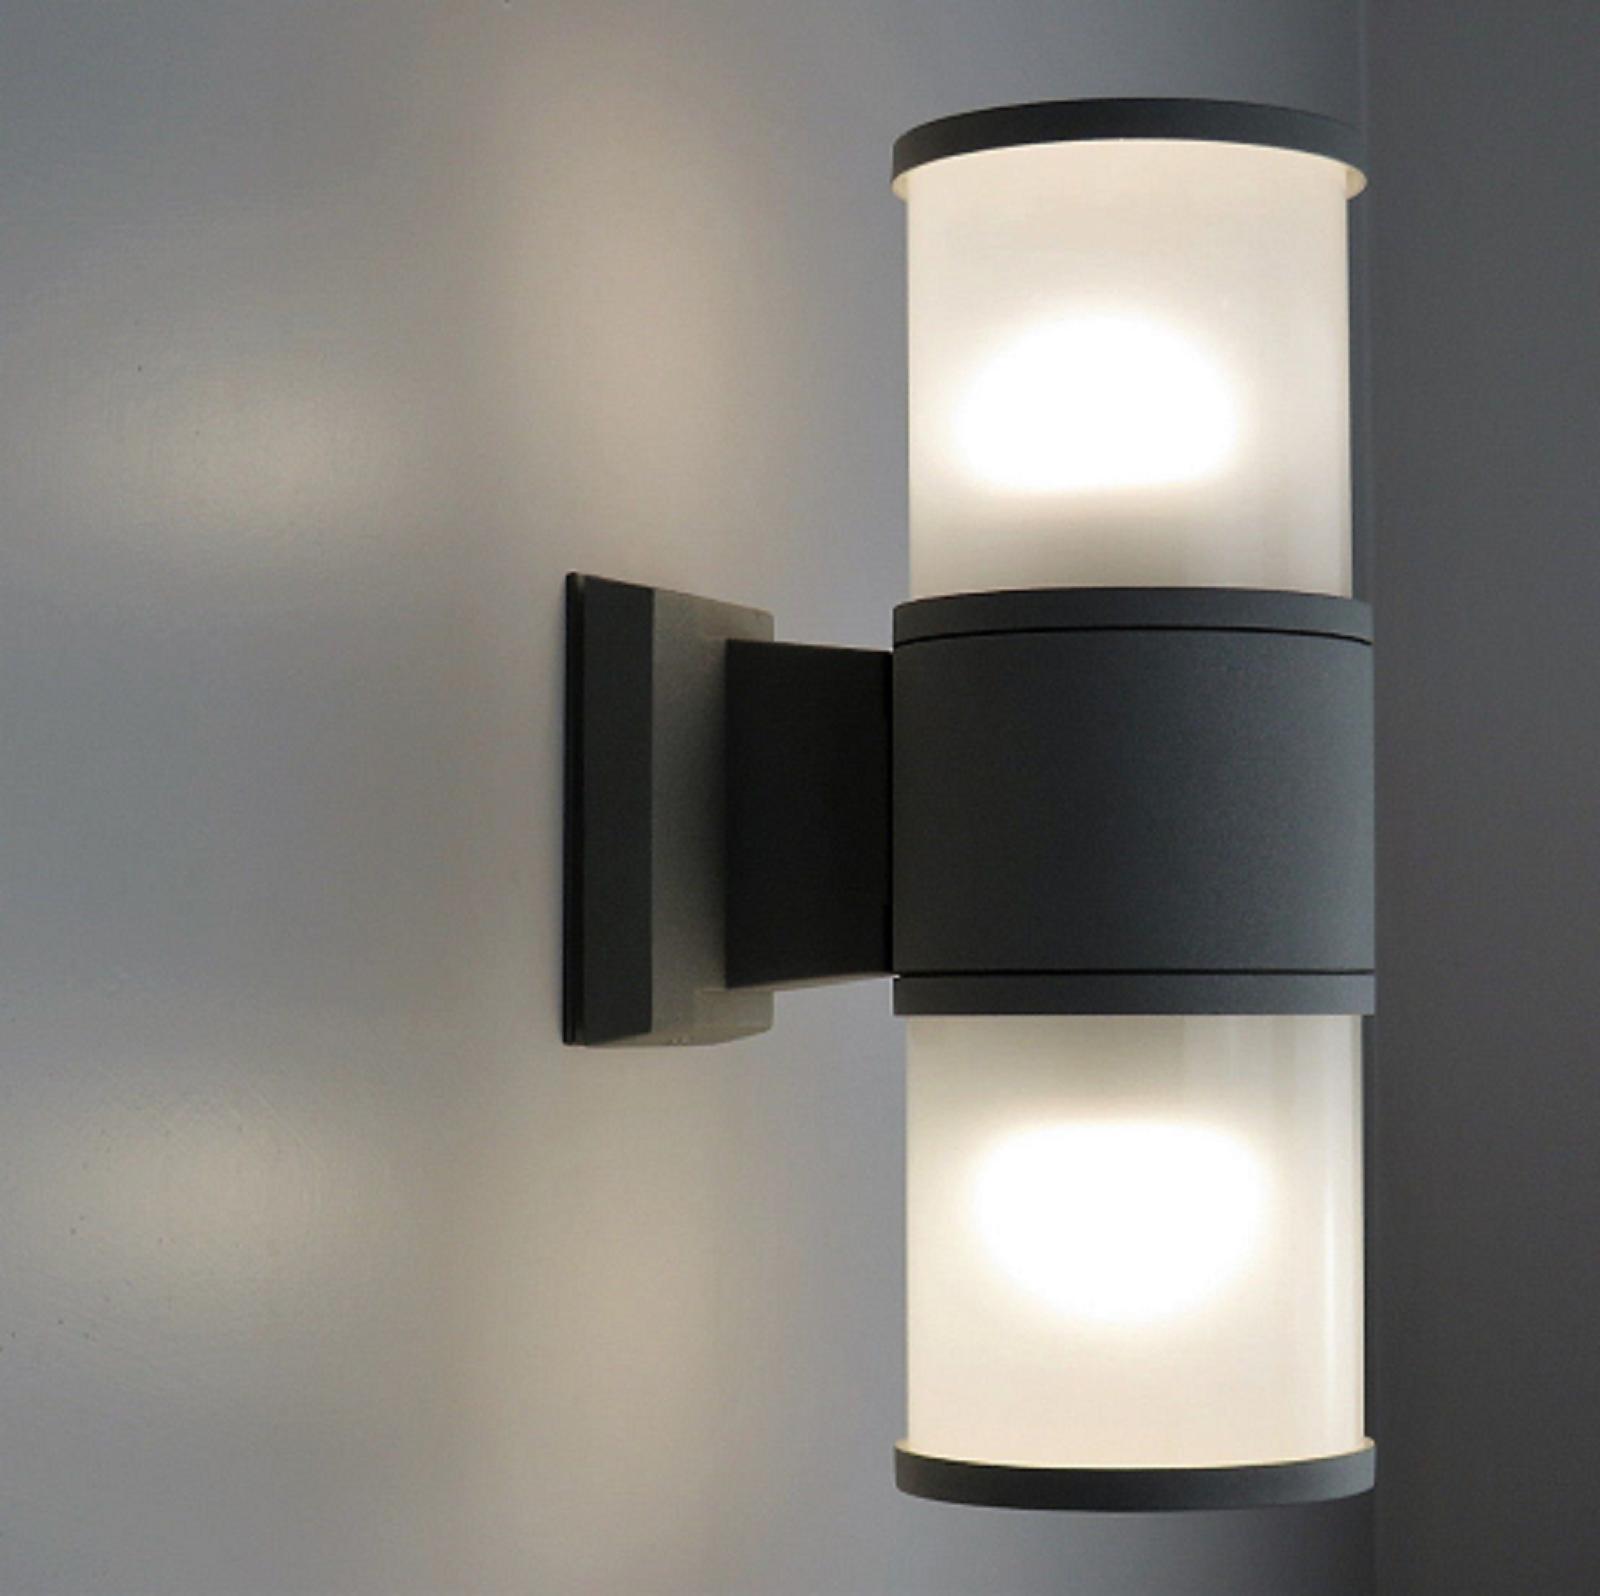 Lampade Per Porticati Esterni dettagli su applique da esterno ip65 led 20w doppia luce diffusa lampada da  parete rgb rgbw